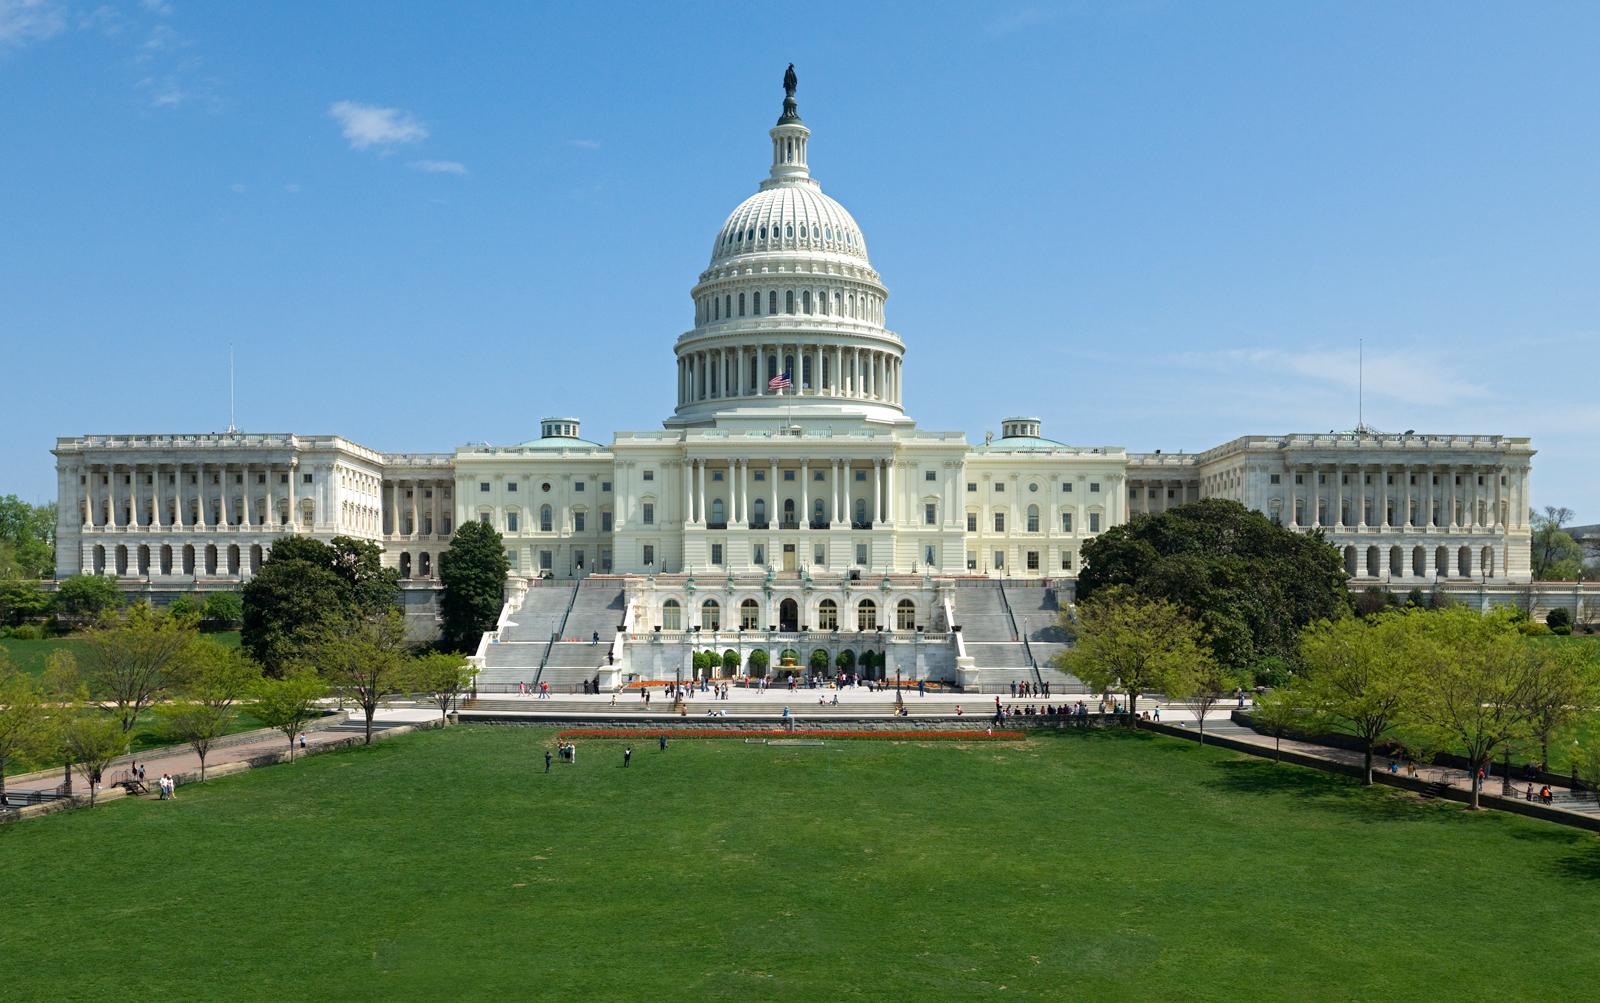 Du lịch Mỹ tết 2017 - Tòa nhà Quốc hội